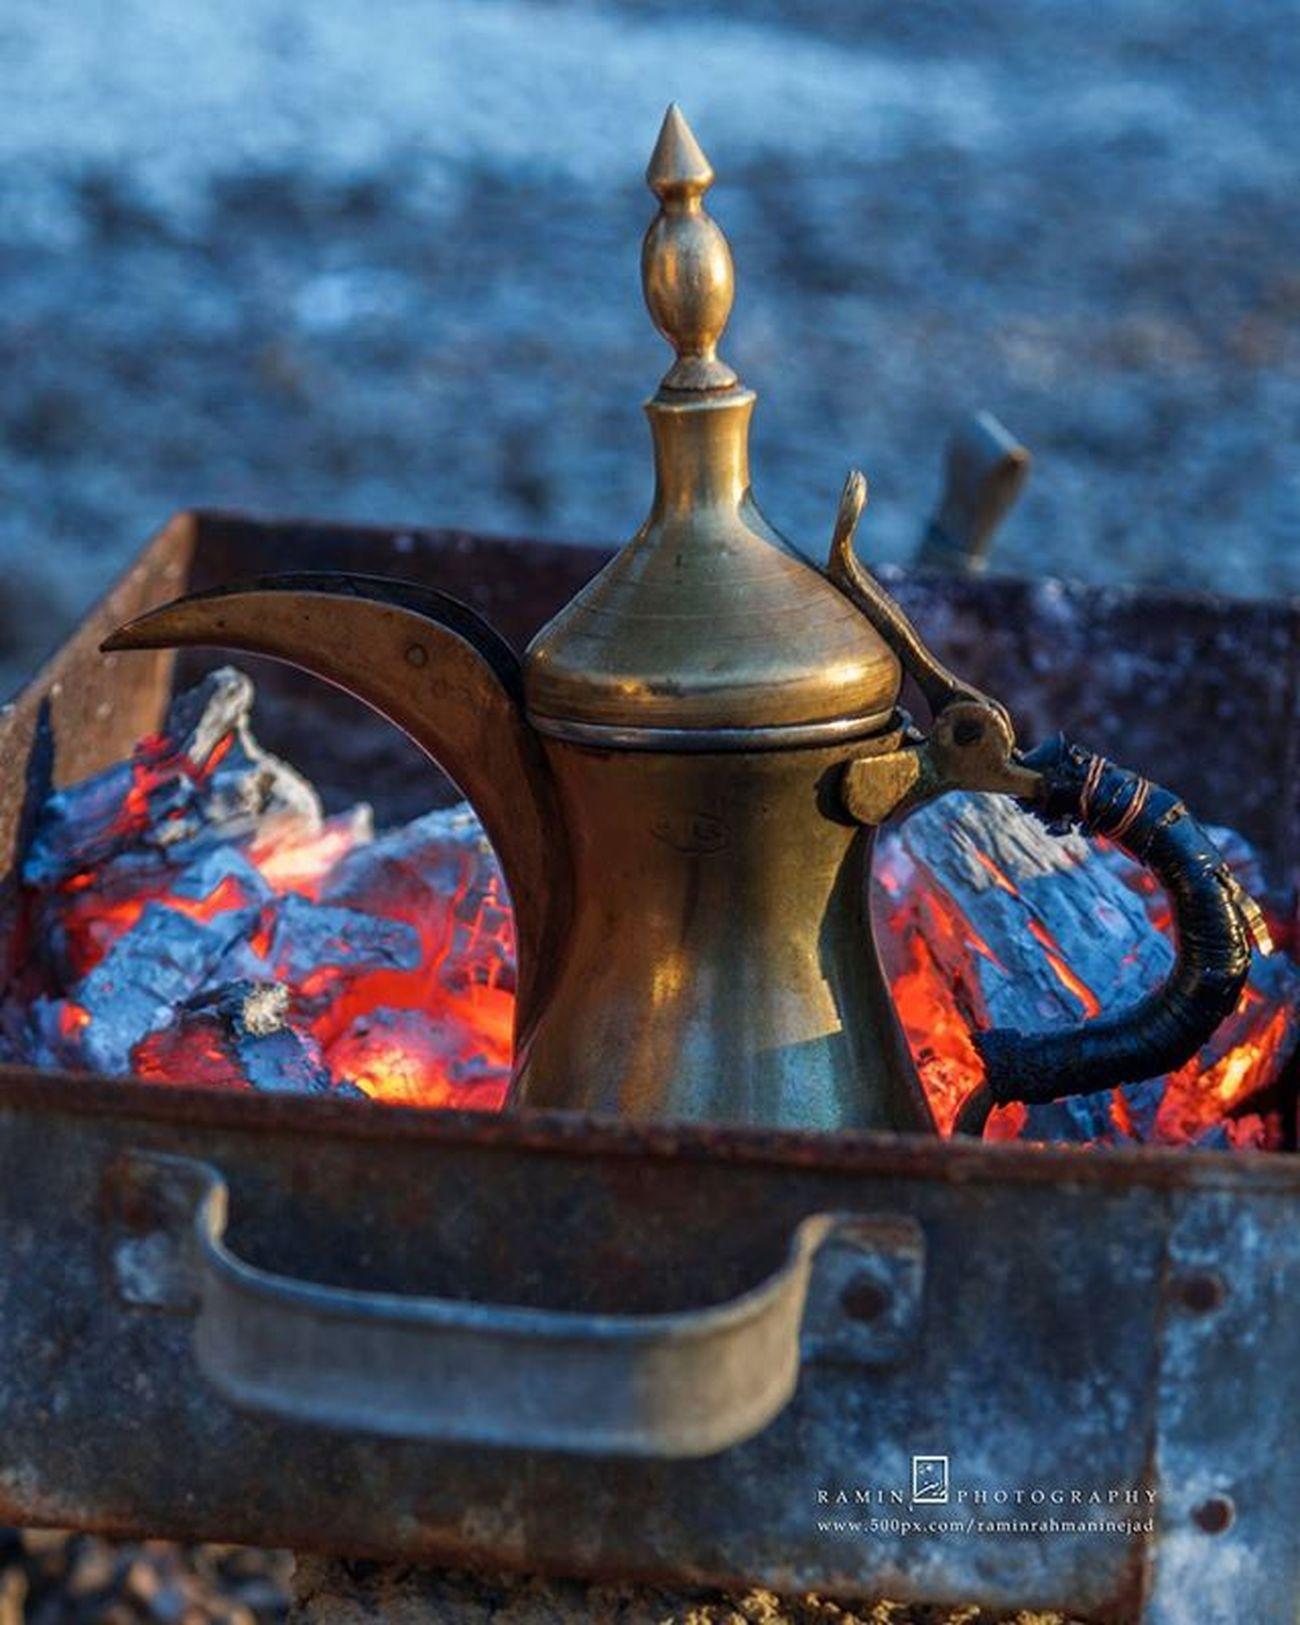 قهوه  عربی - جزیره مینو - خرمشهر - خوزستان - ایران Arabian Coffee - Minoo Island - Khotamshahr - Khuzestan - Iran Photo : Ramin Rahmani Nejad